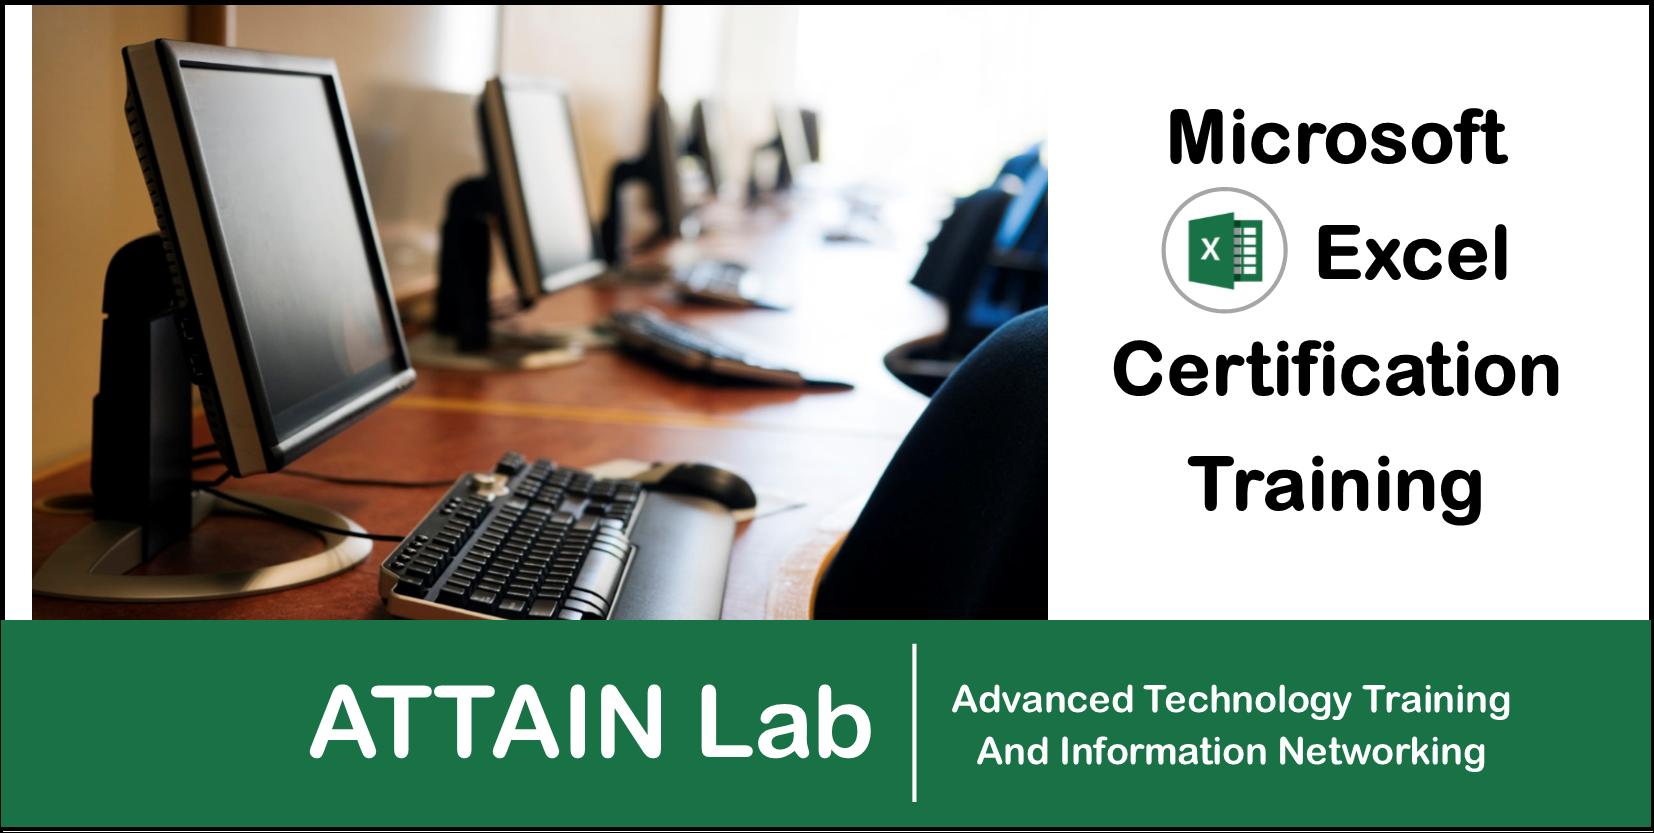 Microsoft Excel 2013 Training (Albany, NY)